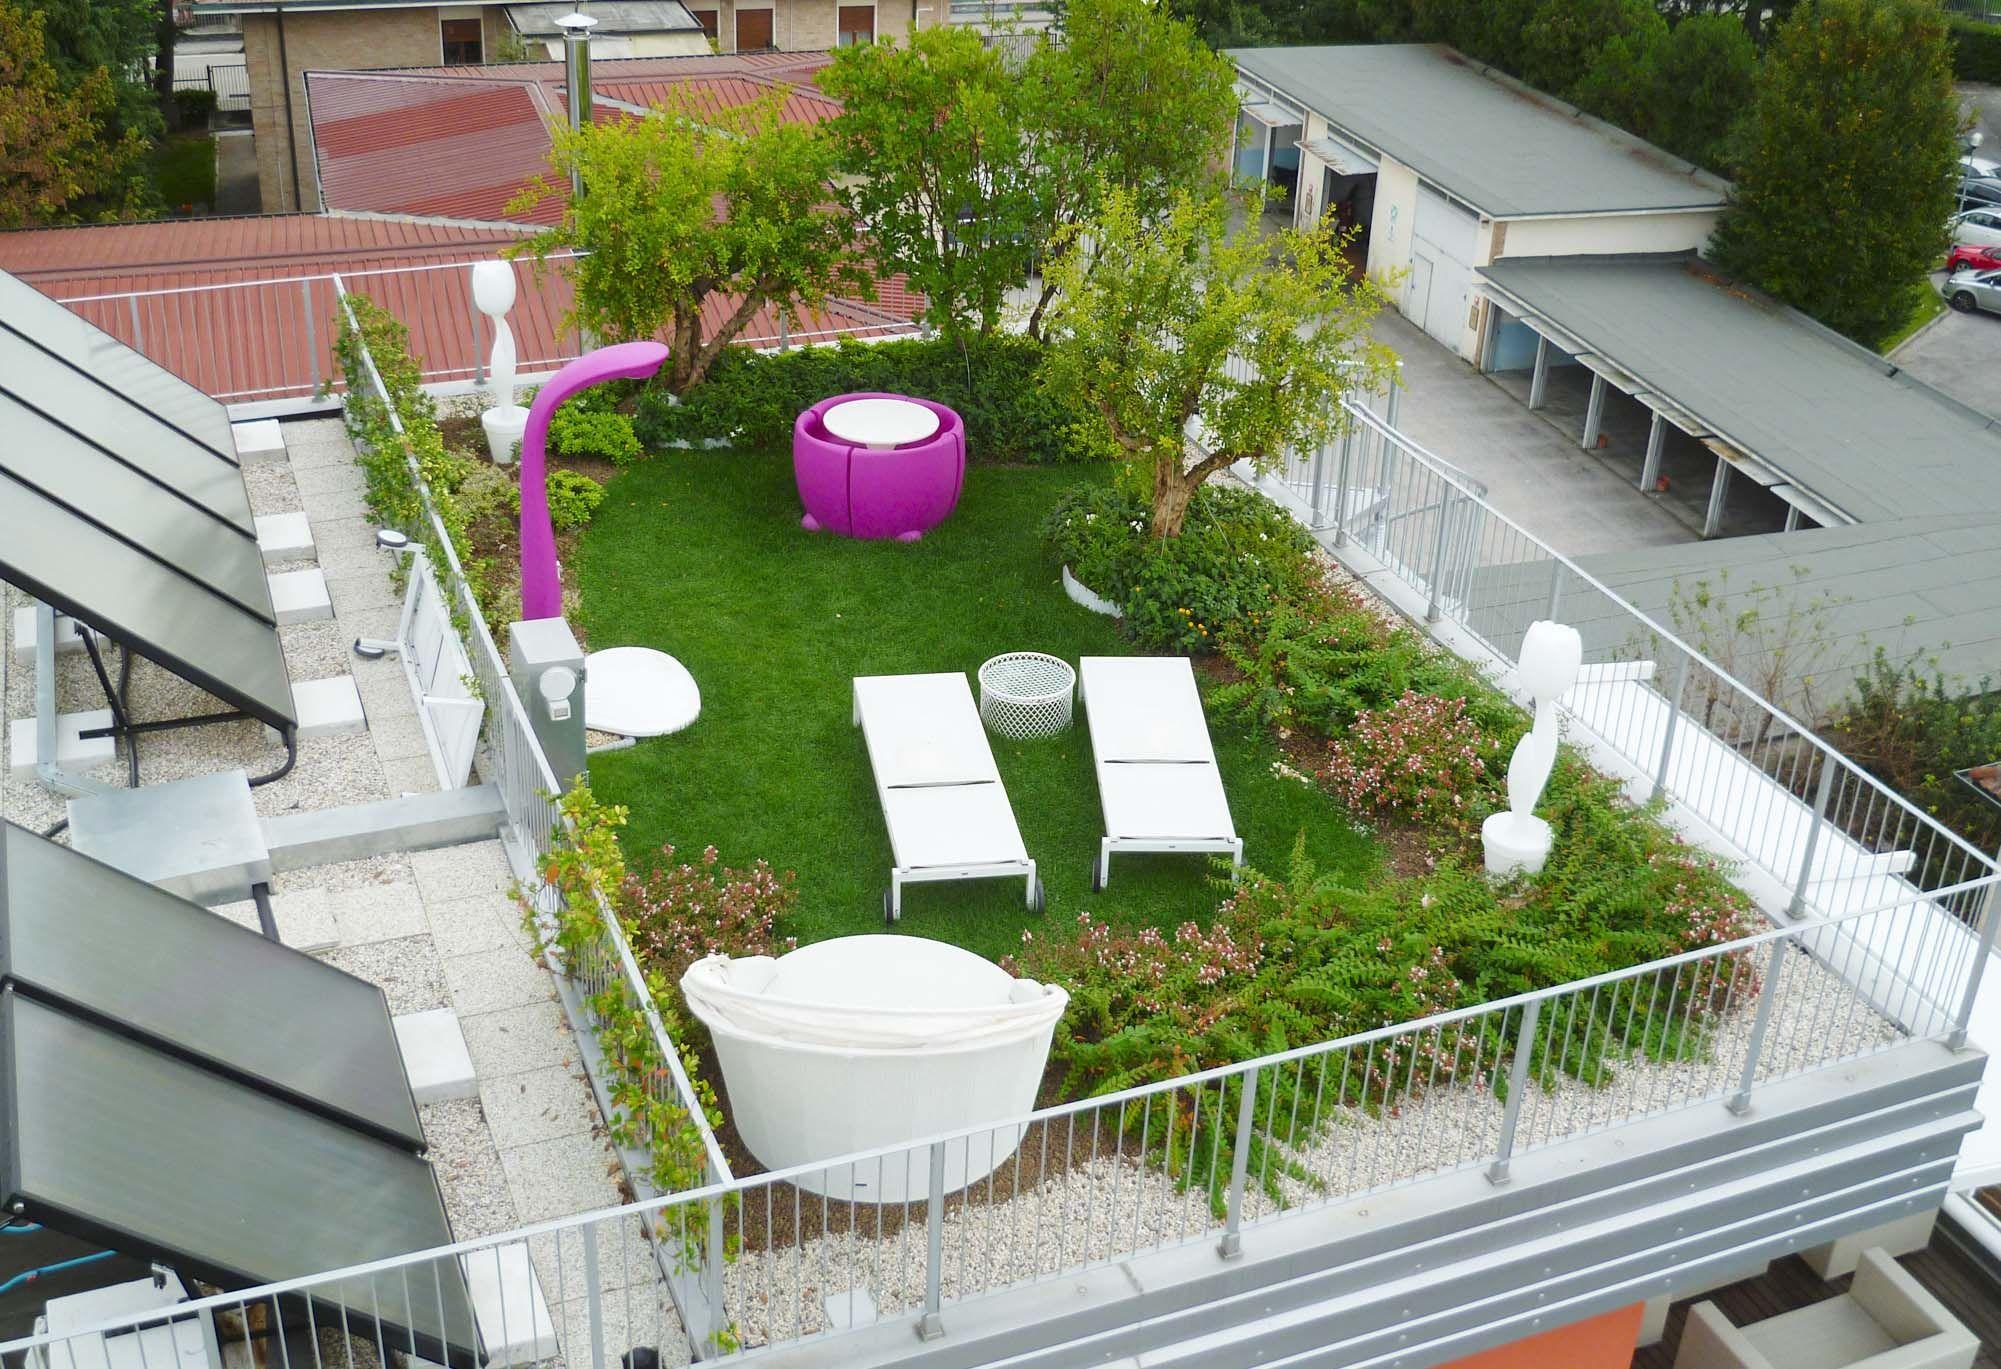 Arredare Un Giardino Idee come arredare un giardino piccolo! 15 idee per ispirarvi